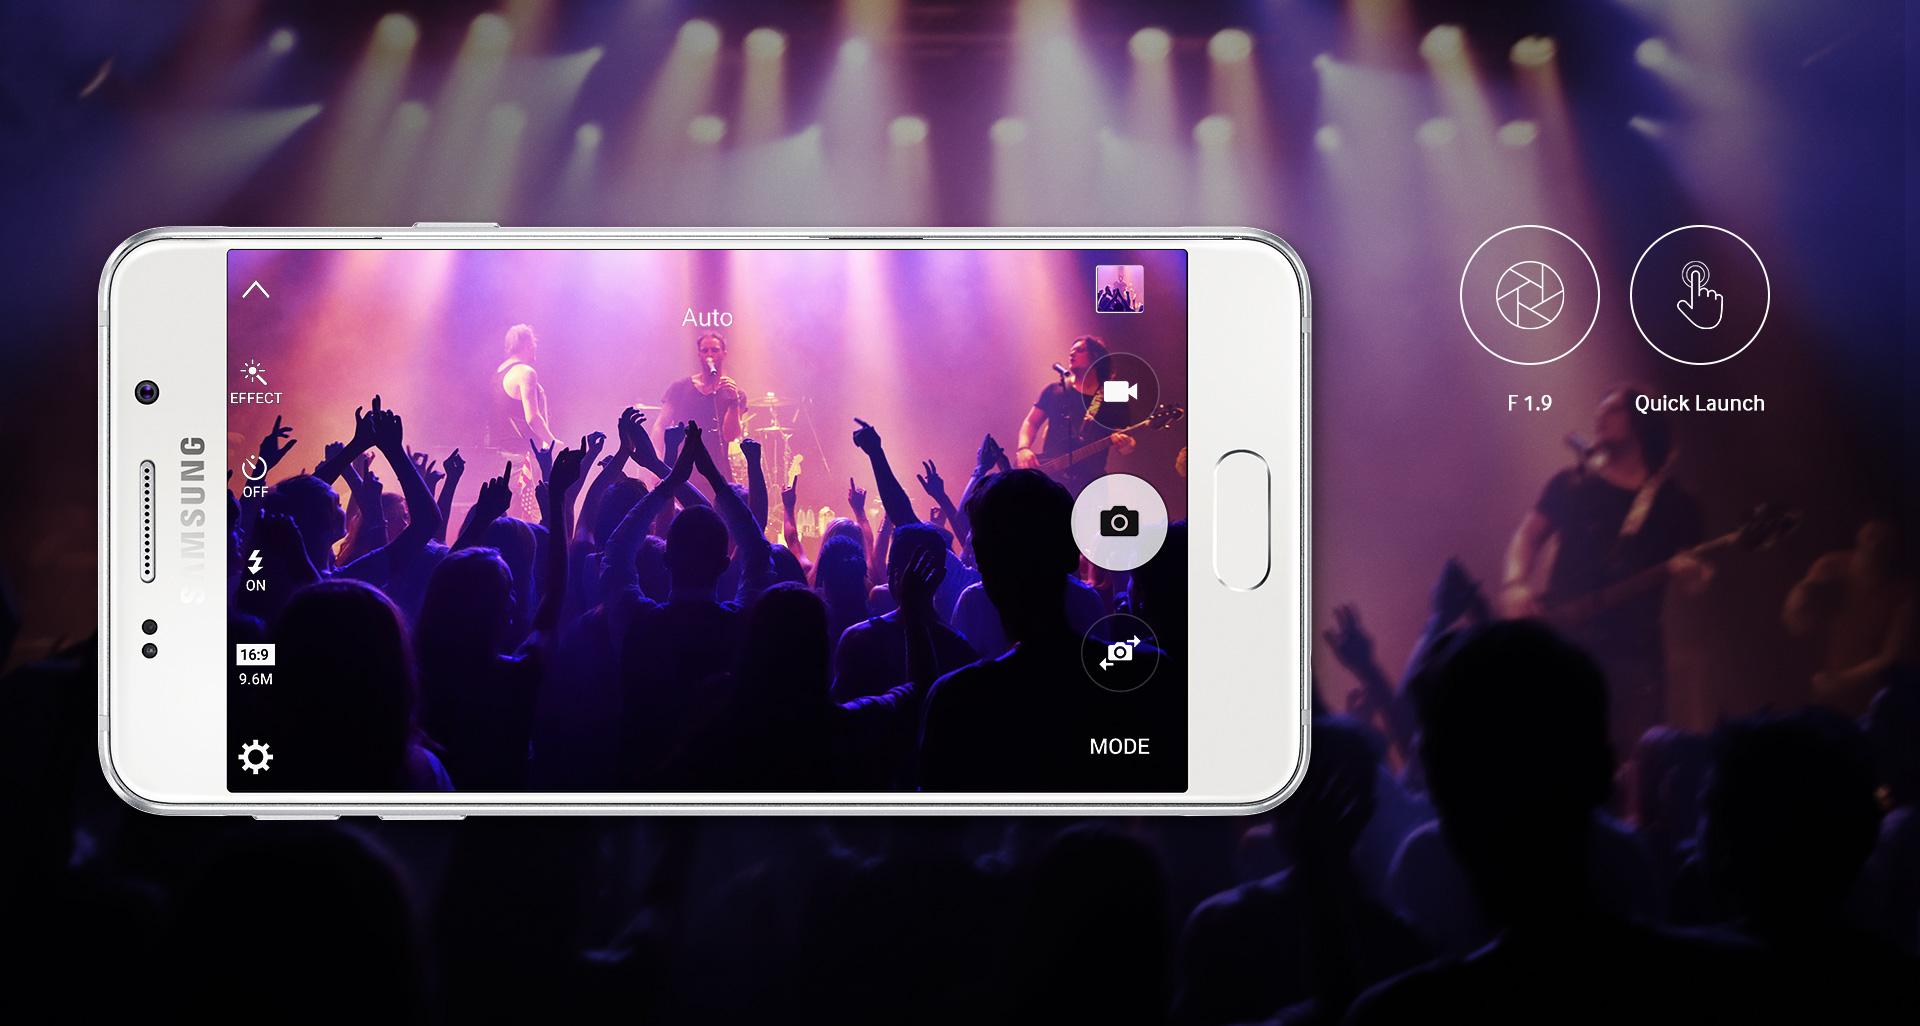 Skvělé fotoaparáty novinky Galaxy A3 vás uchvátí svou kvalitou